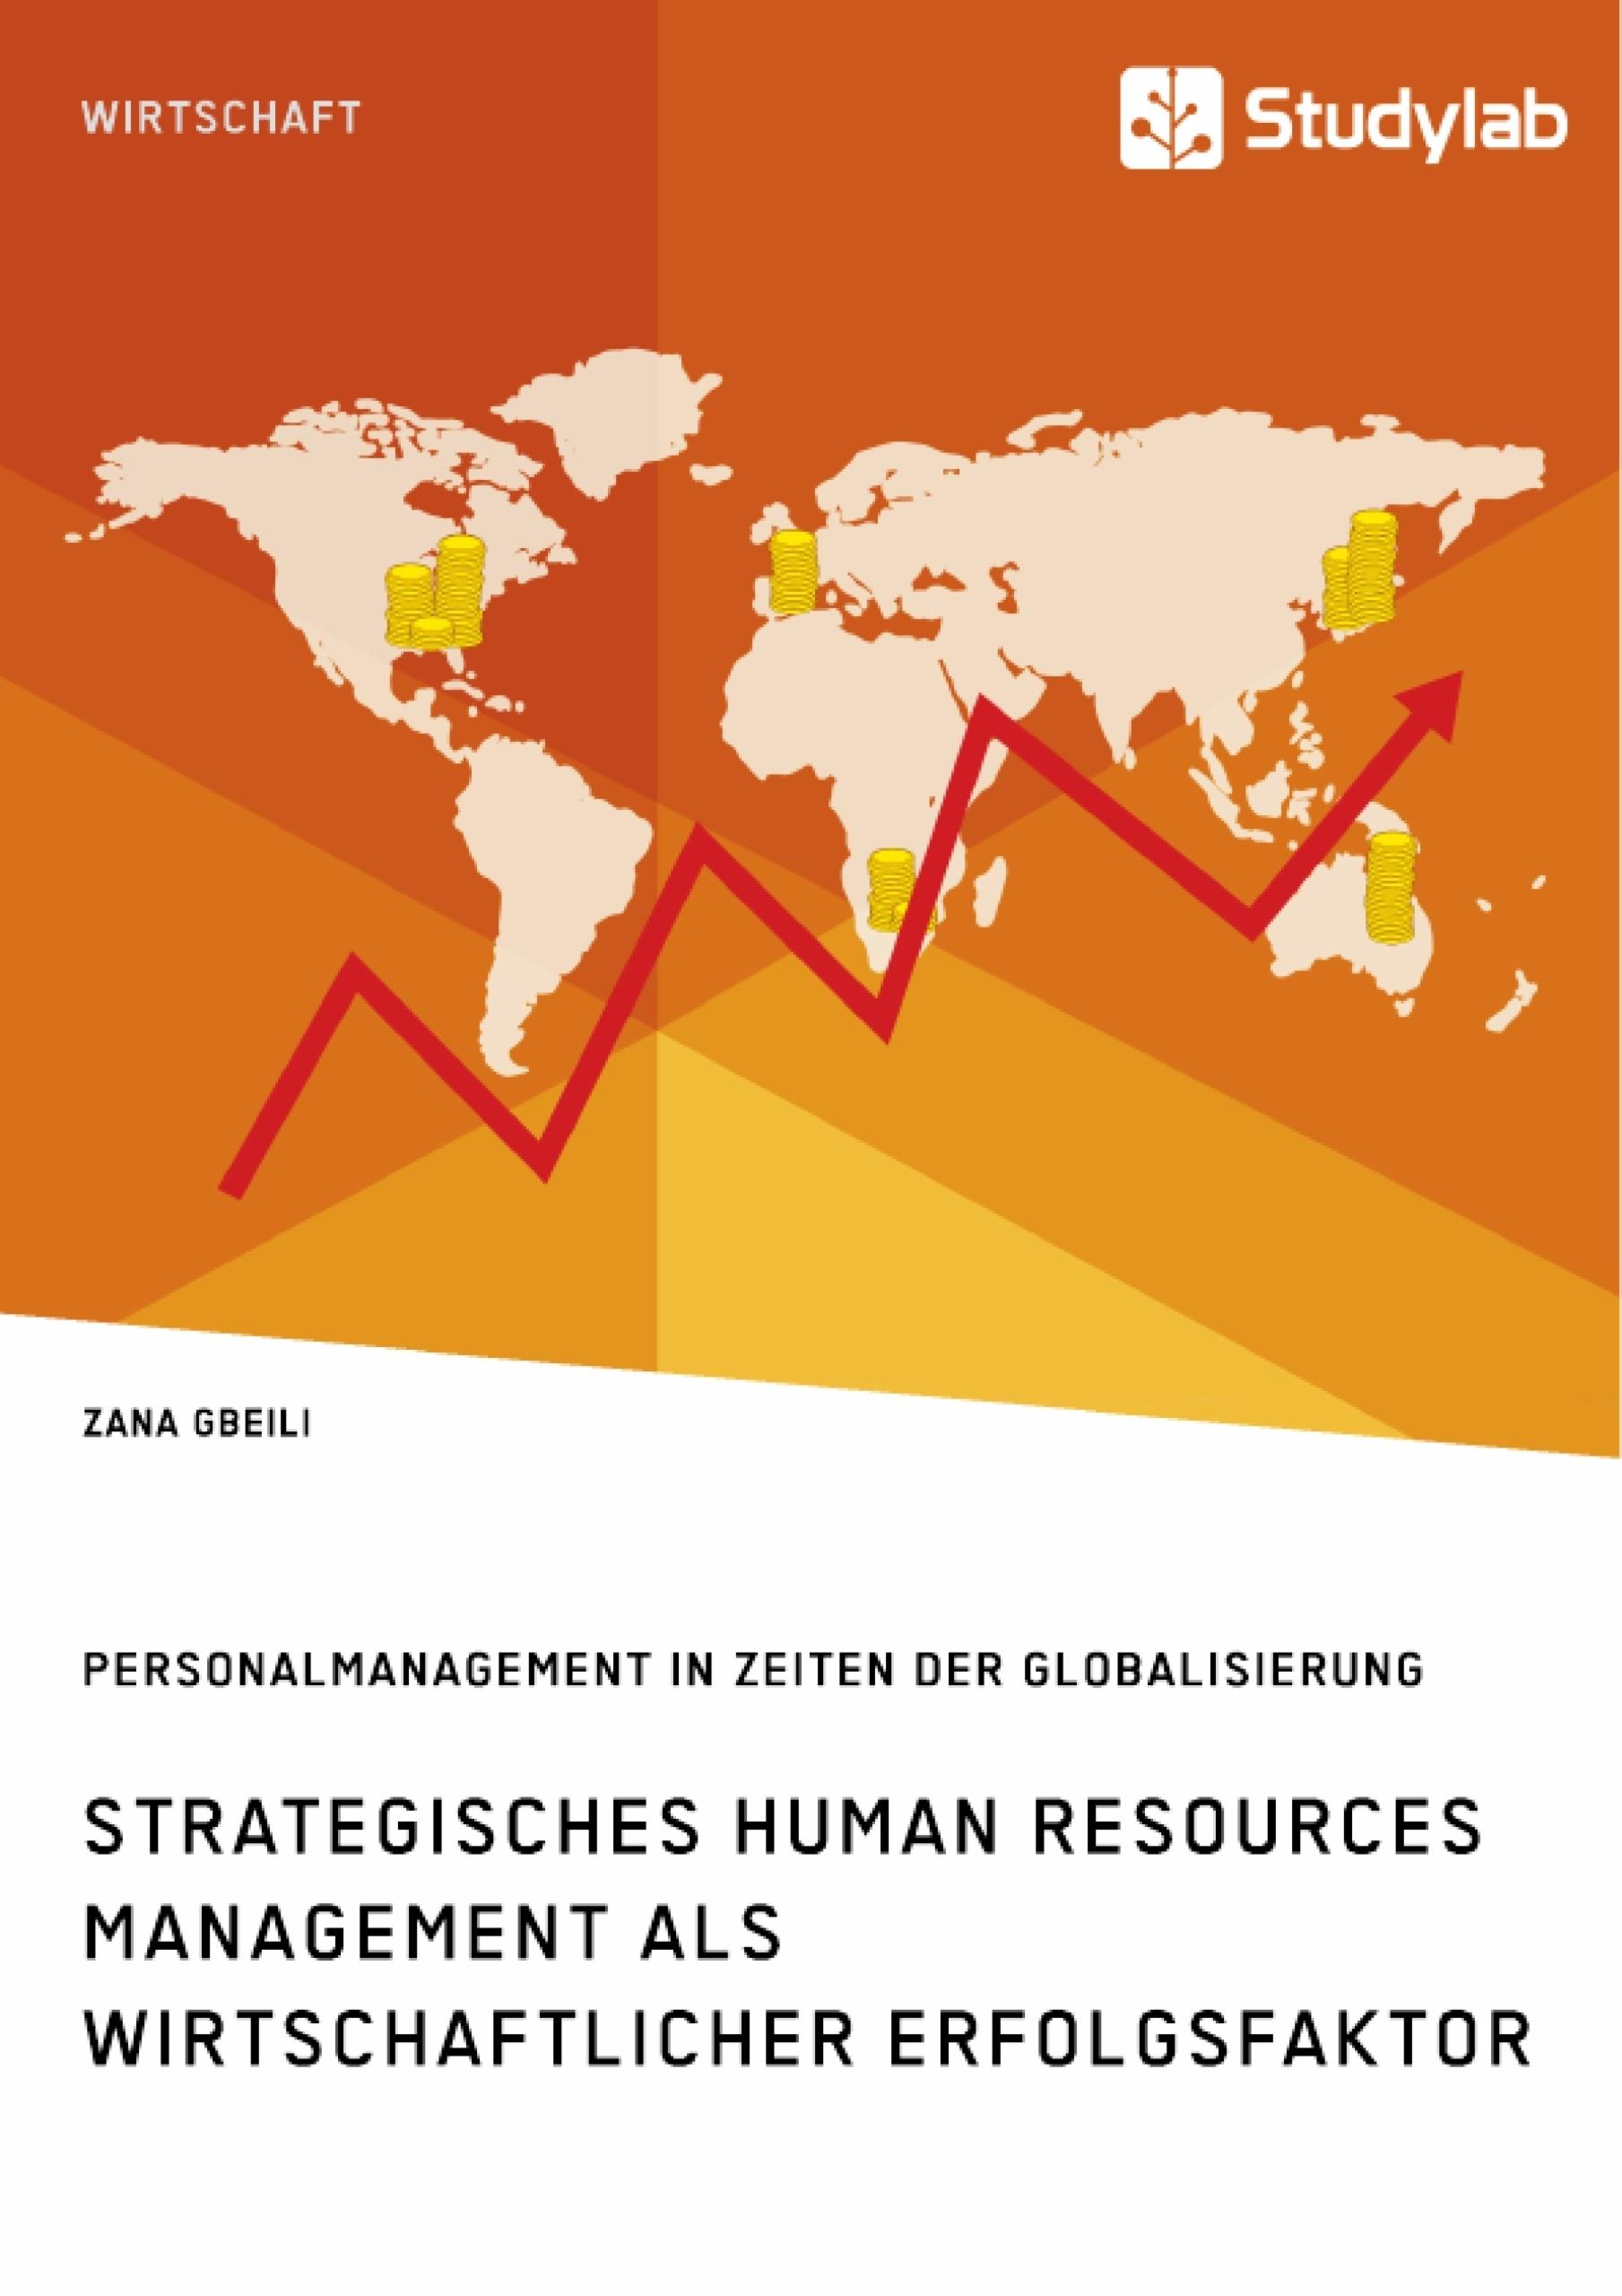 Titel: Strategisches Human Resources Management als wirtschaftlicher Erfolgsfaktor. Personalmanagement in Zeiten der Globalisierung